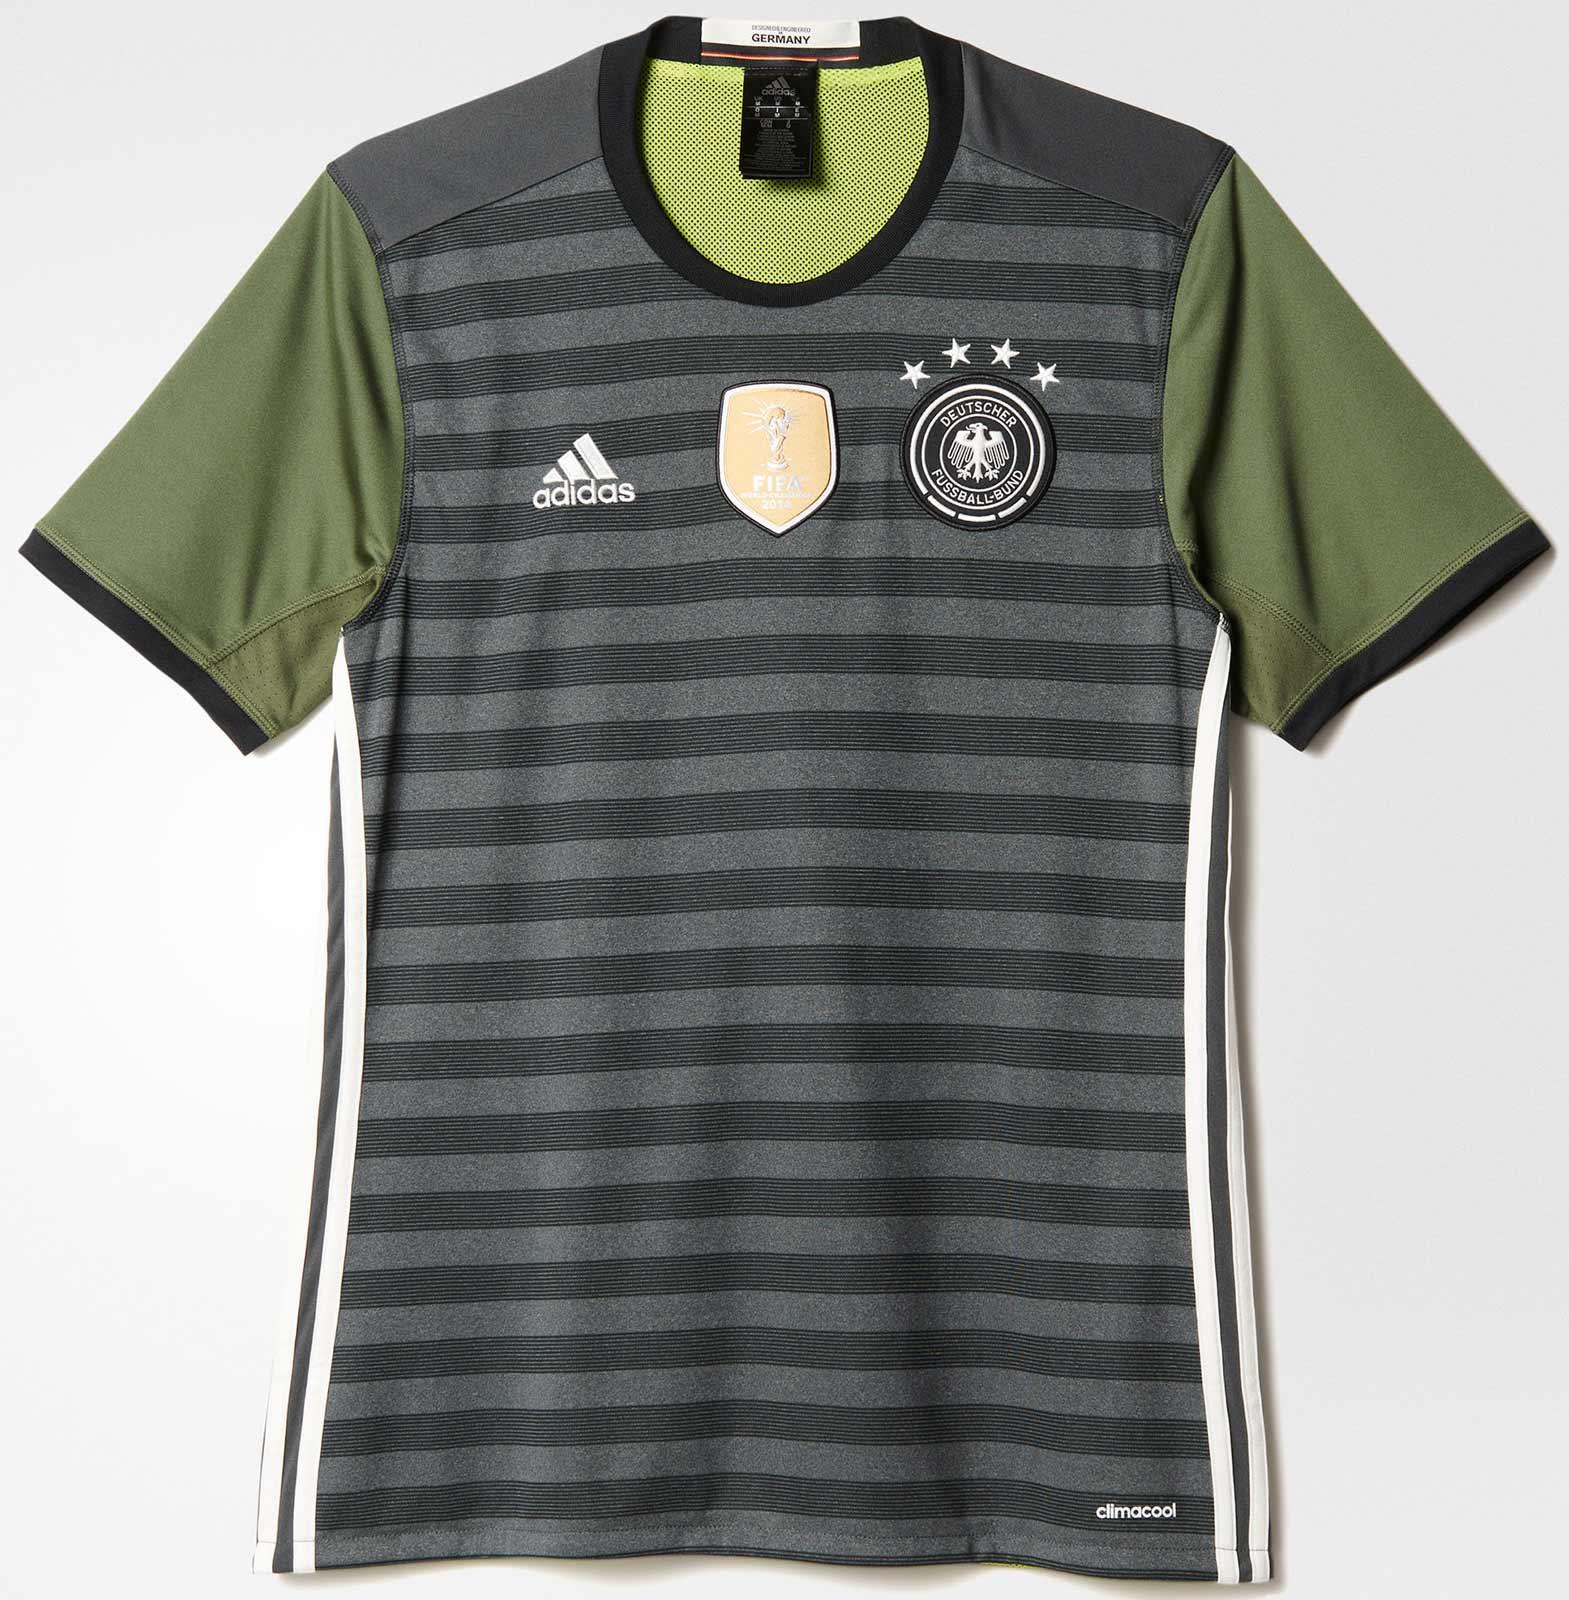 Adidas apresenta nova camisa reserva da Alemanha - Show de Camisas 3e21a2c8a0f1c